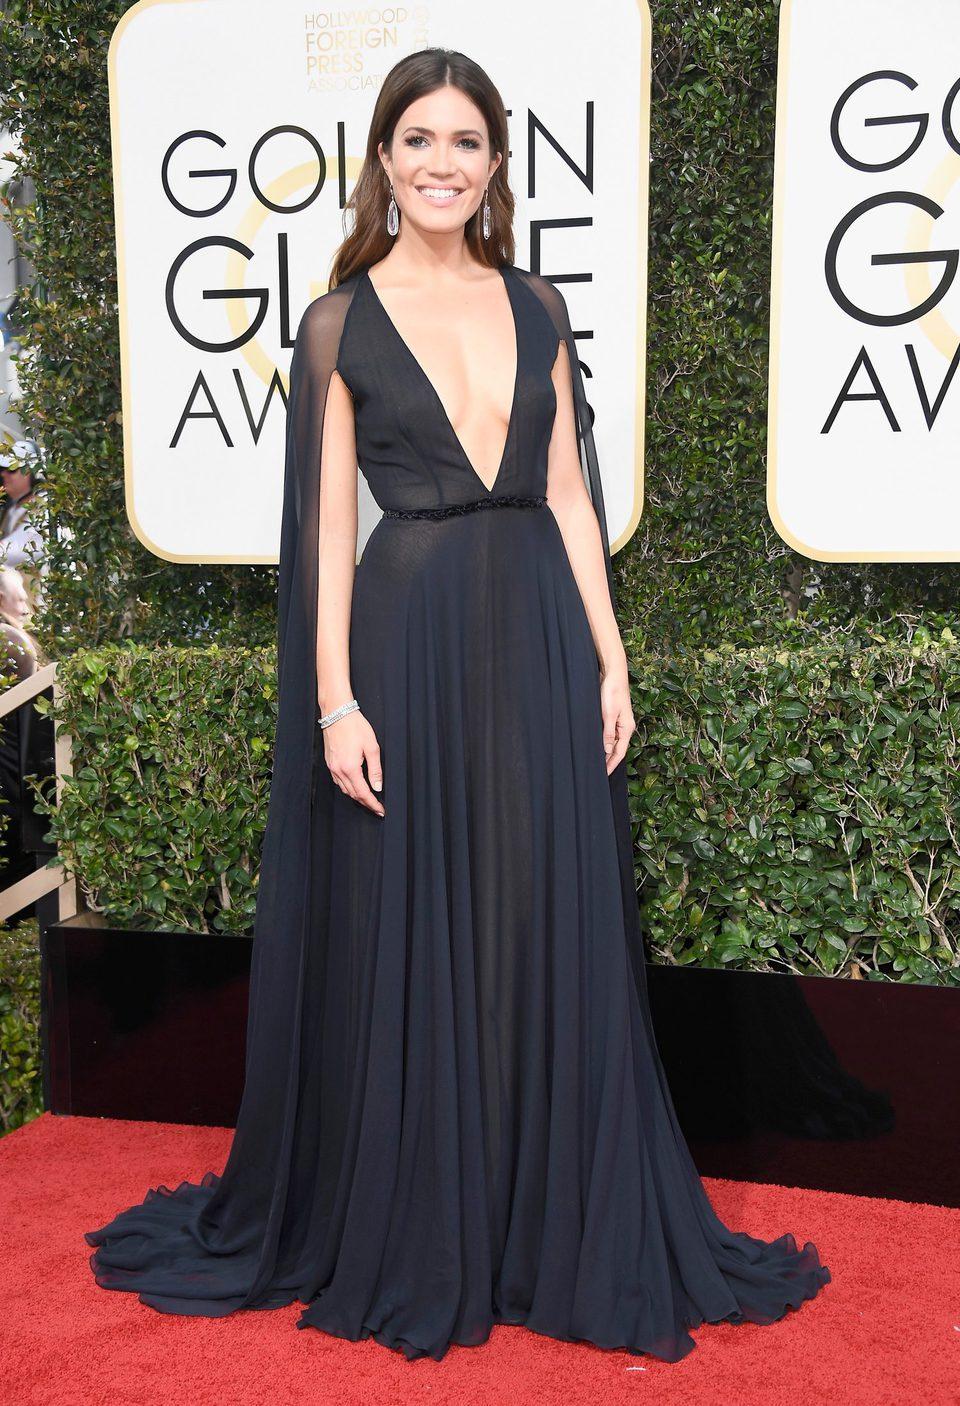 Mandy Moore en la alfombra roja de los Globos de Oro 2017